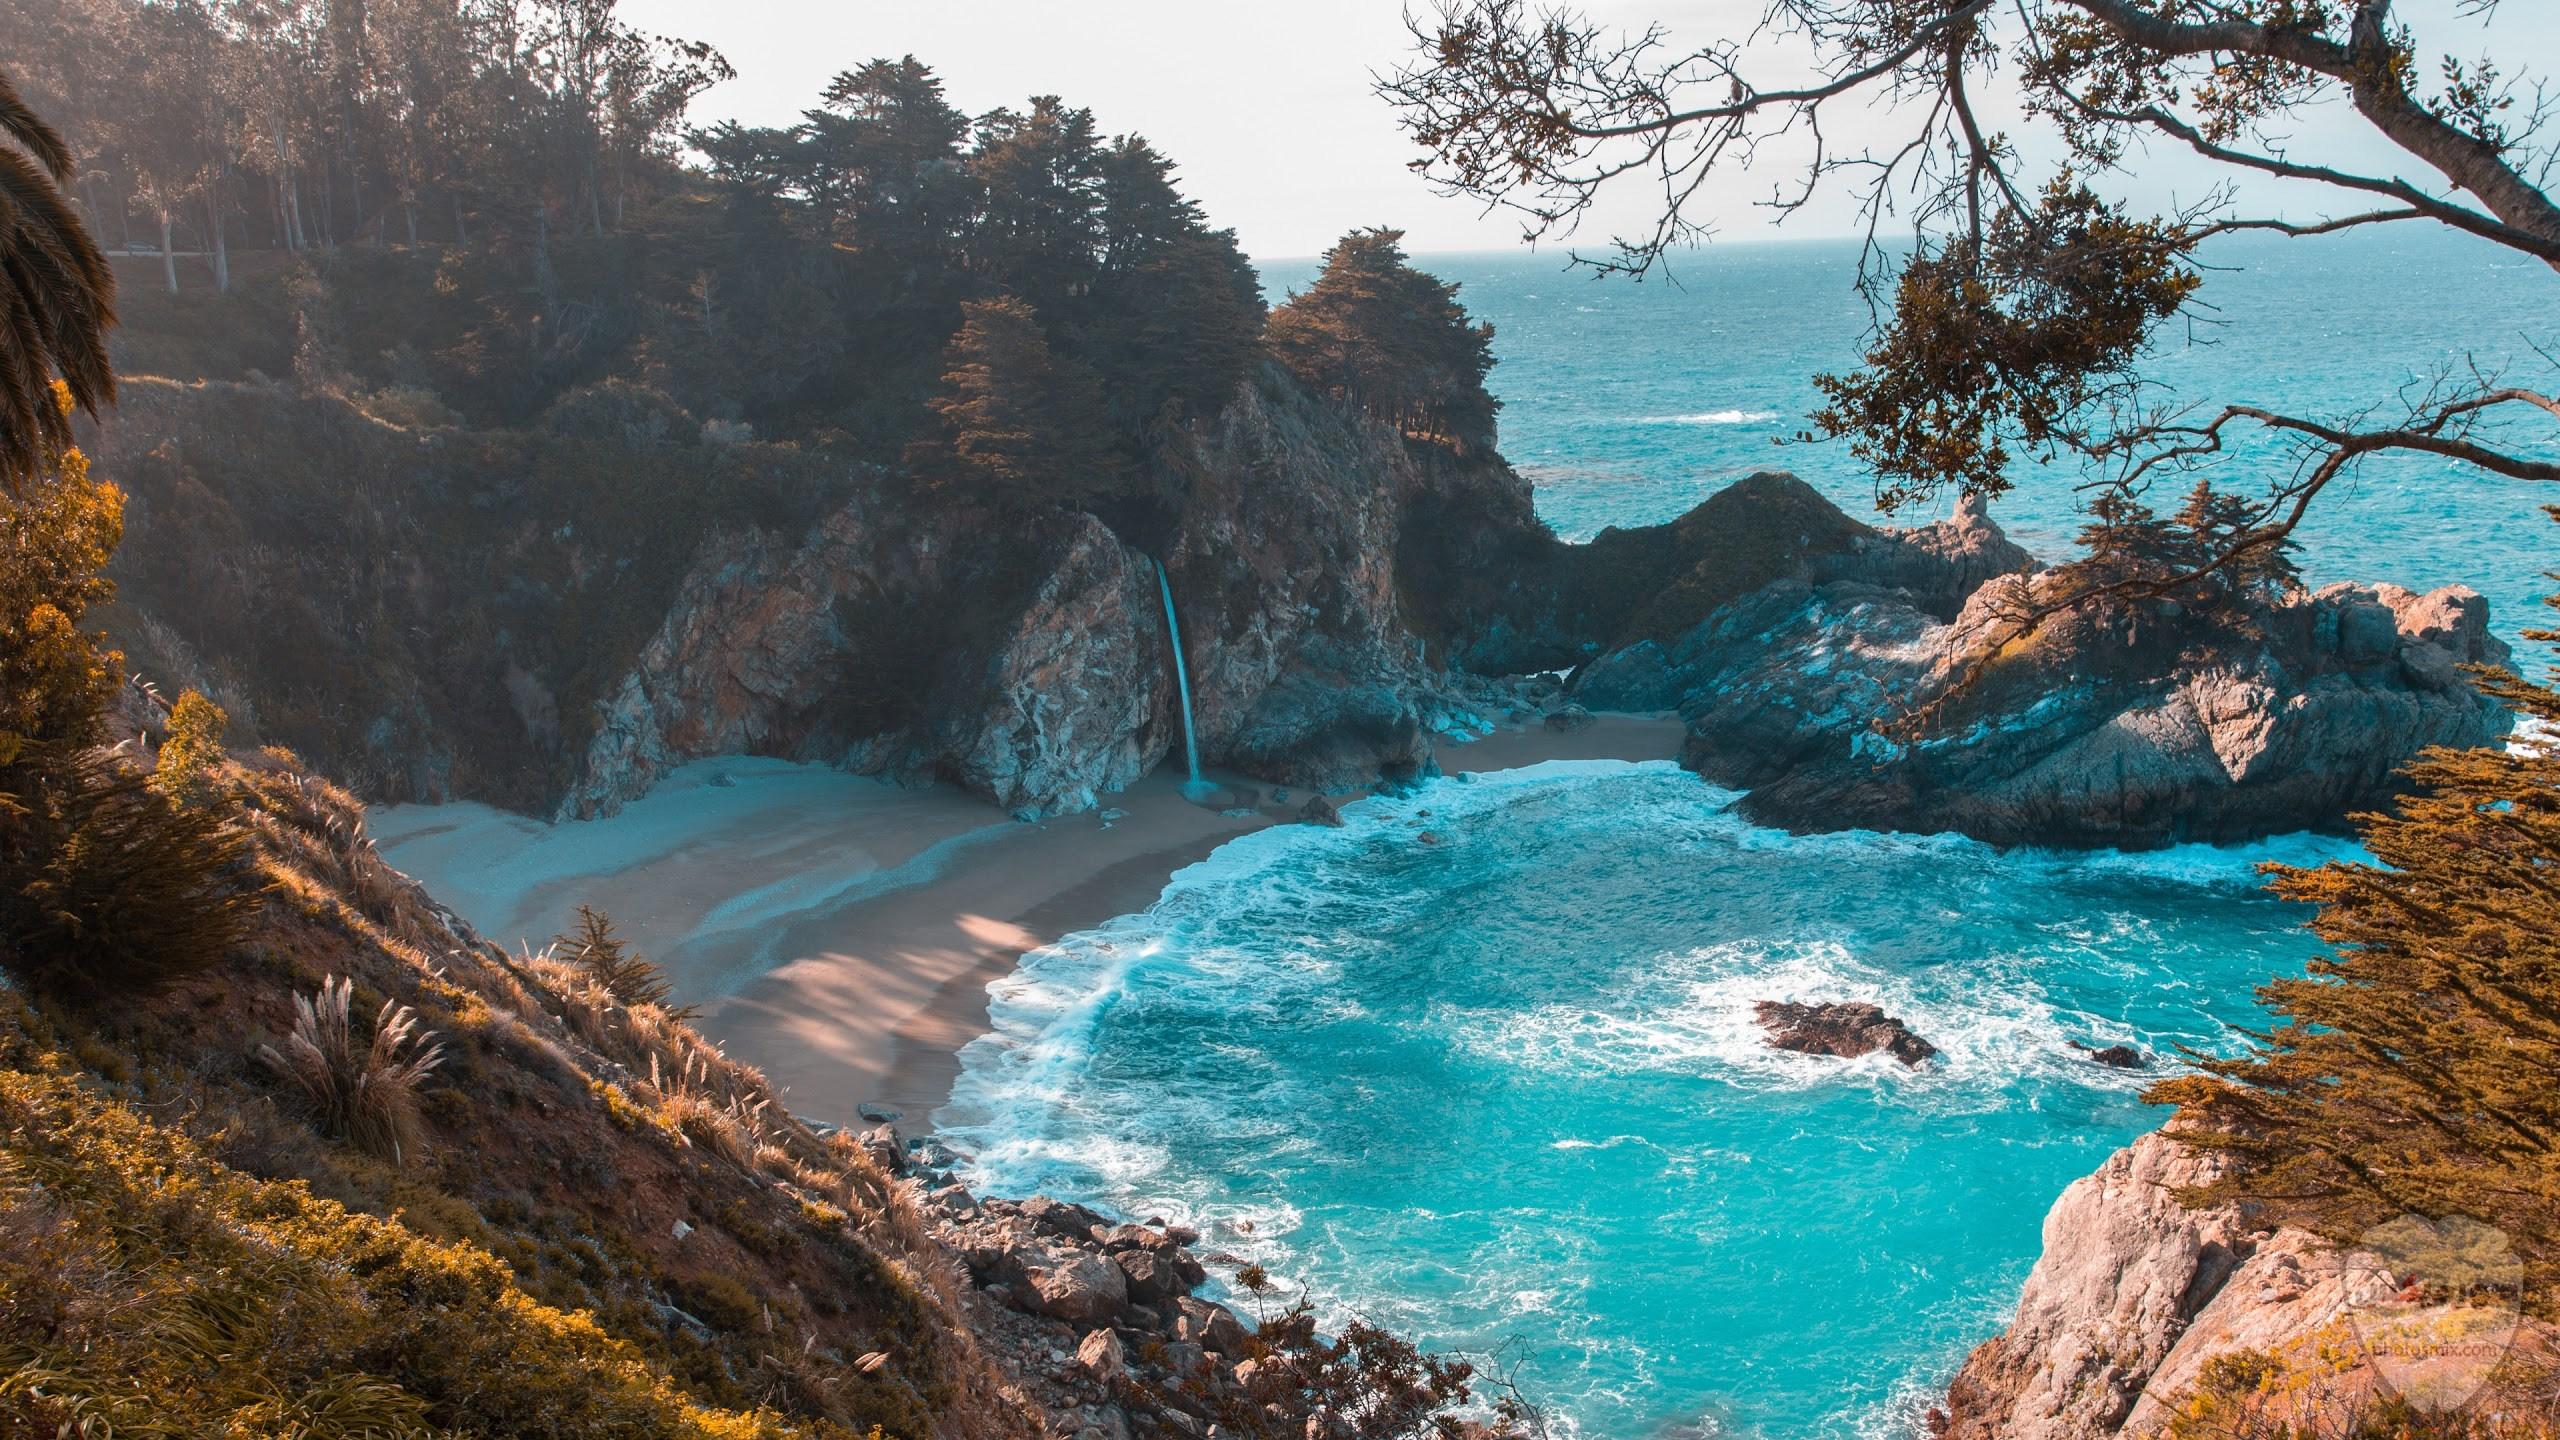 صور بحر وشاطئ صور وخلفيات بحور وشواطئ جميلة اجمل خلفيات بحار جودة عالية 16